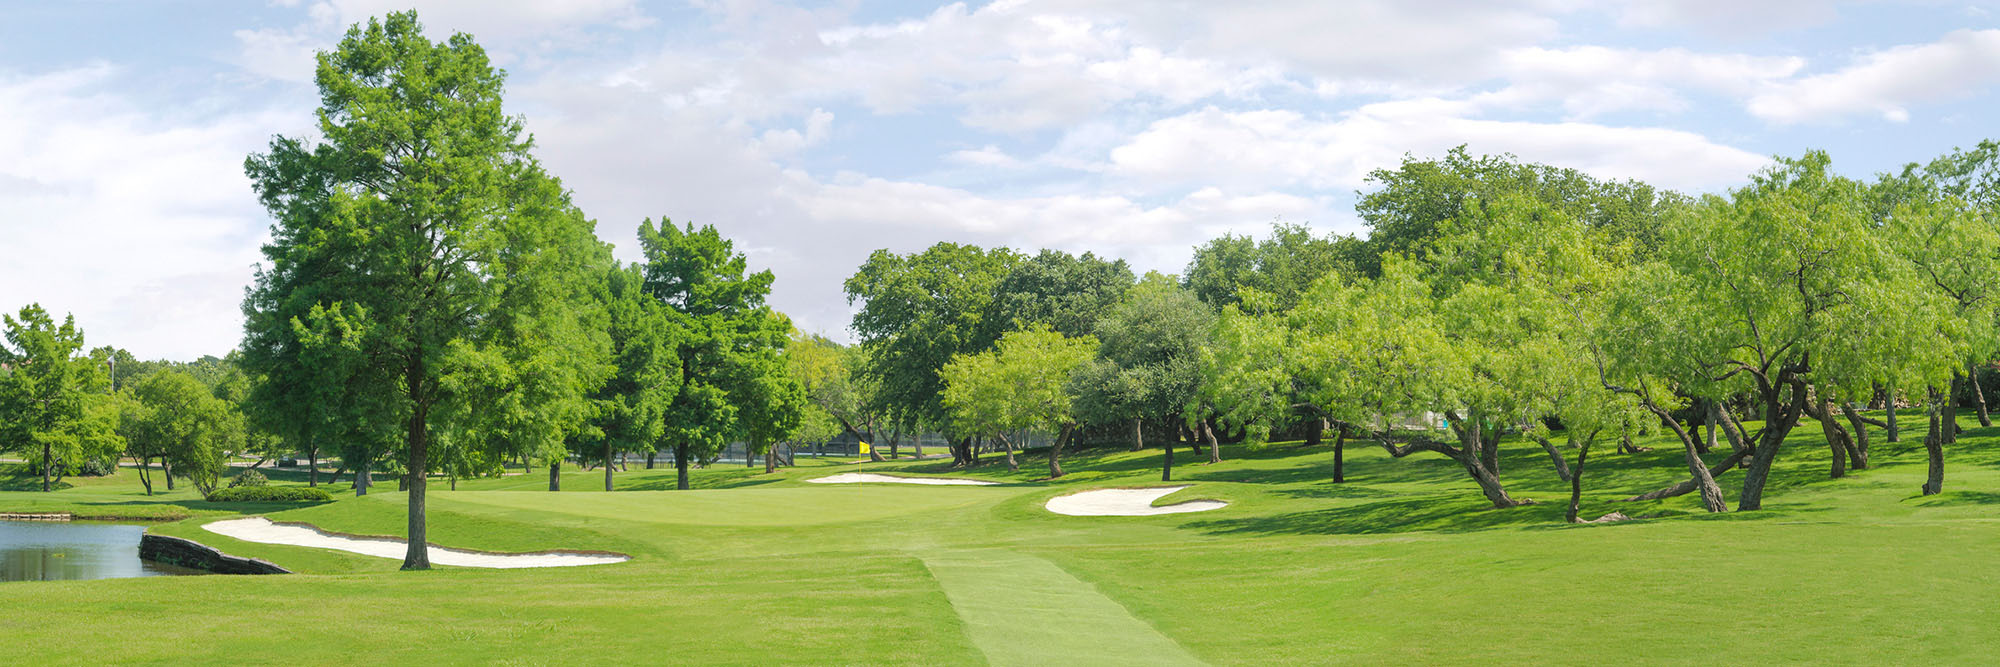 Golf Course Image - Las Colinas No. 17